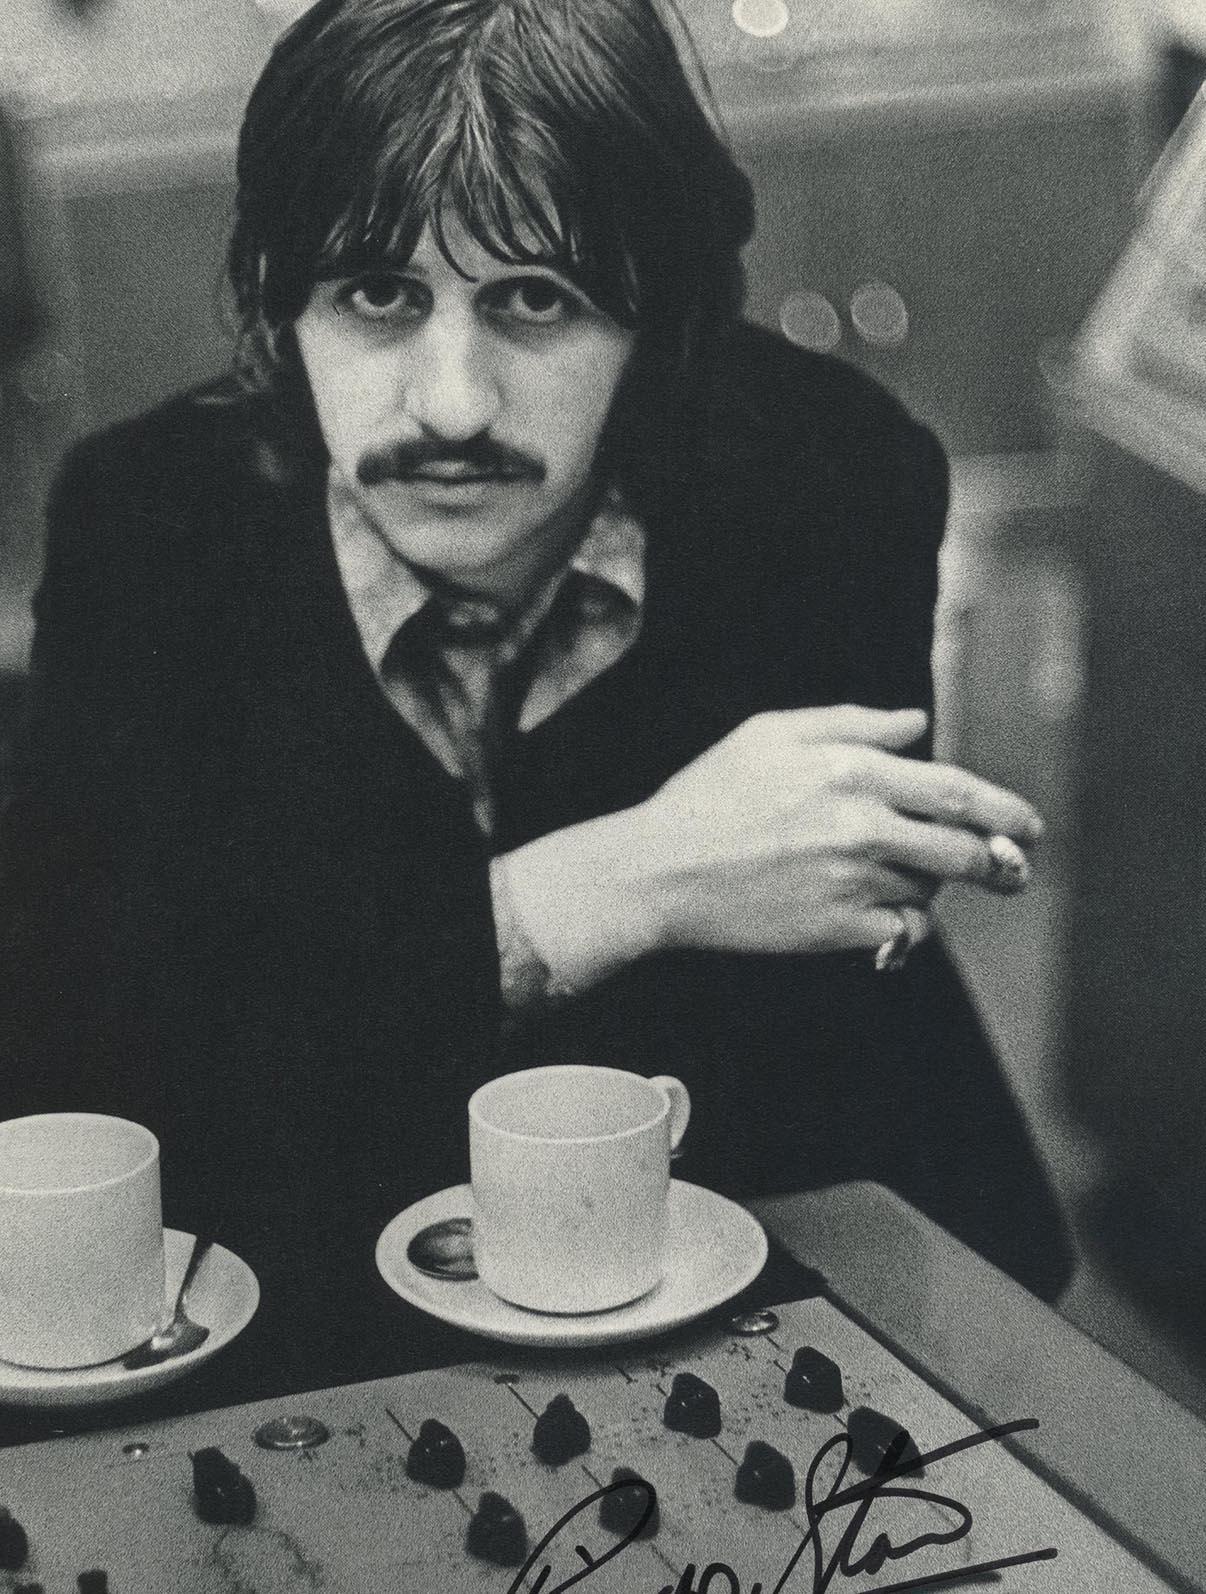 Ringo Starr signed photo